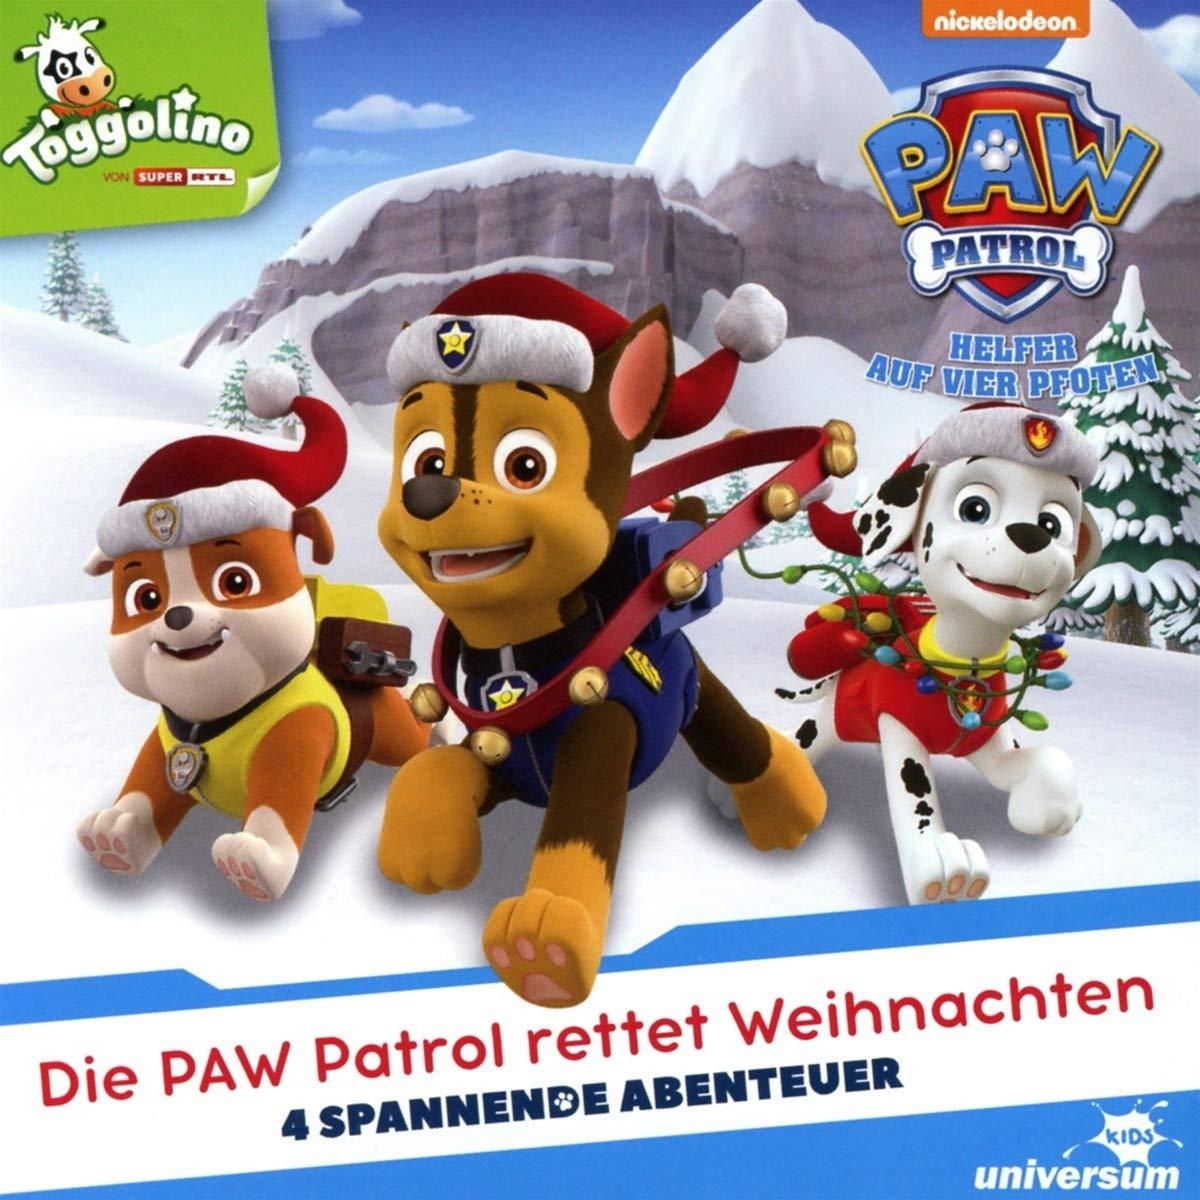 Die Paw Patrol Rettet Weihnachten (CD) - Paw Patrol - Helfer auf ...